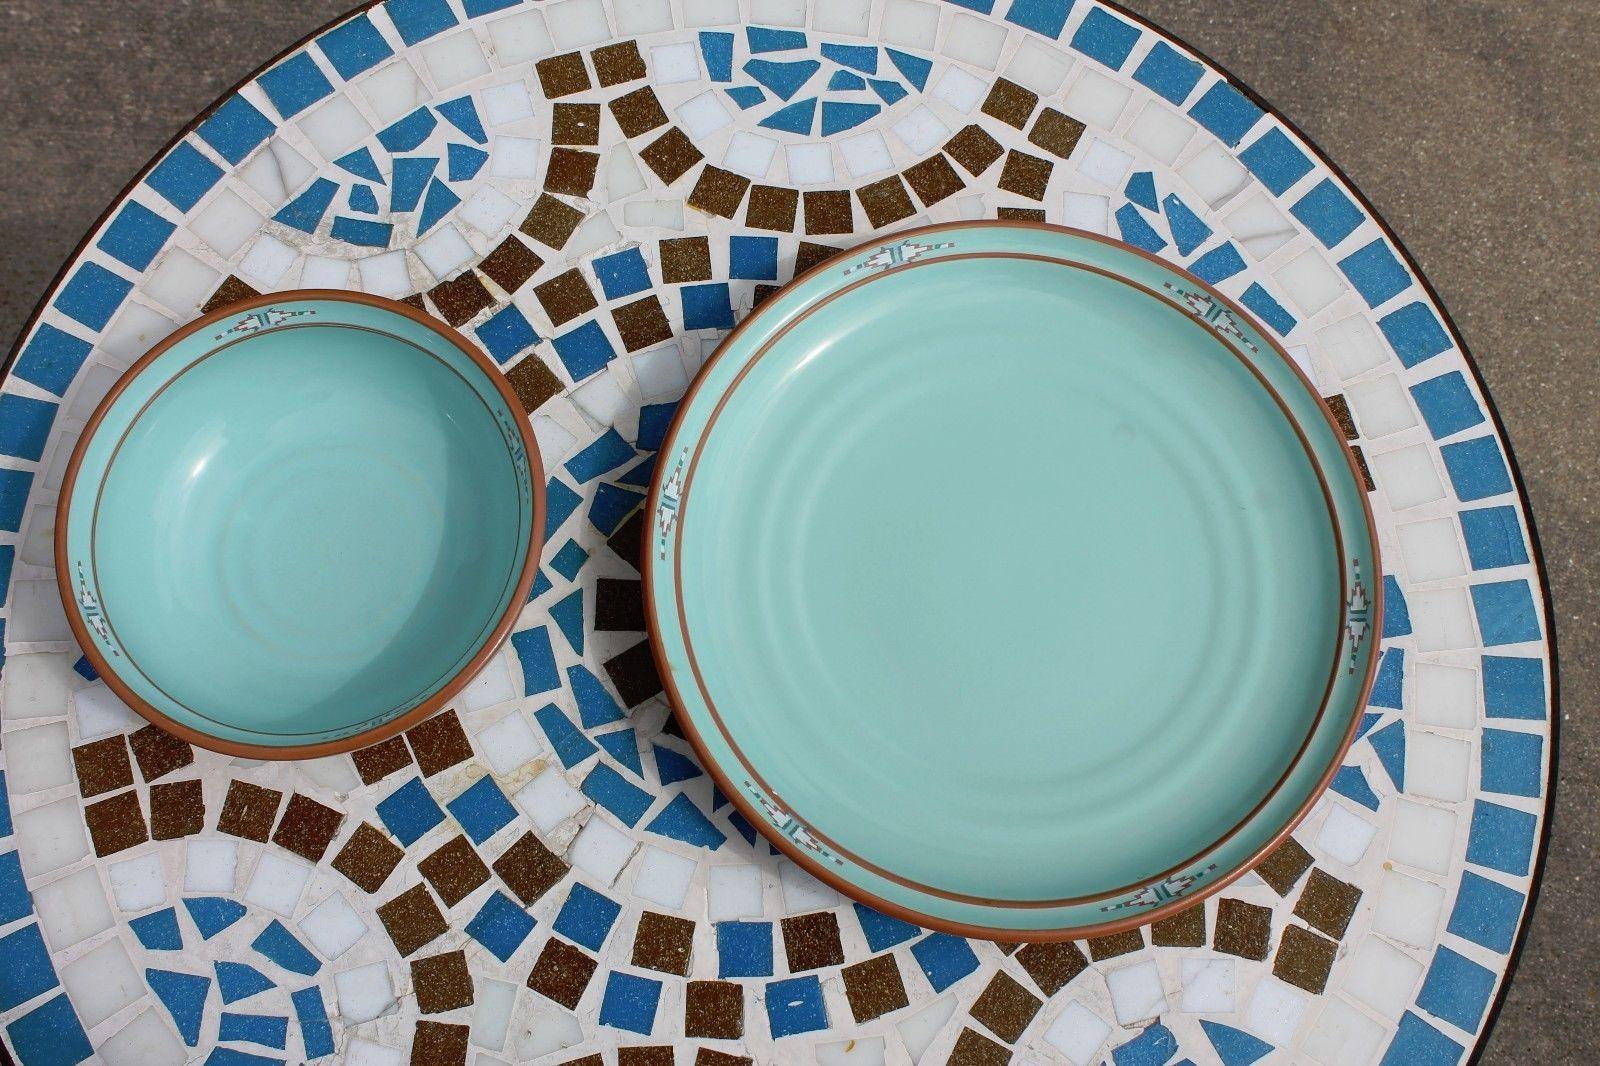 Noritake Stoneware Japan Dinner Plate & Cereal Soup Bowl Boulder Ridge Turquoise image 4